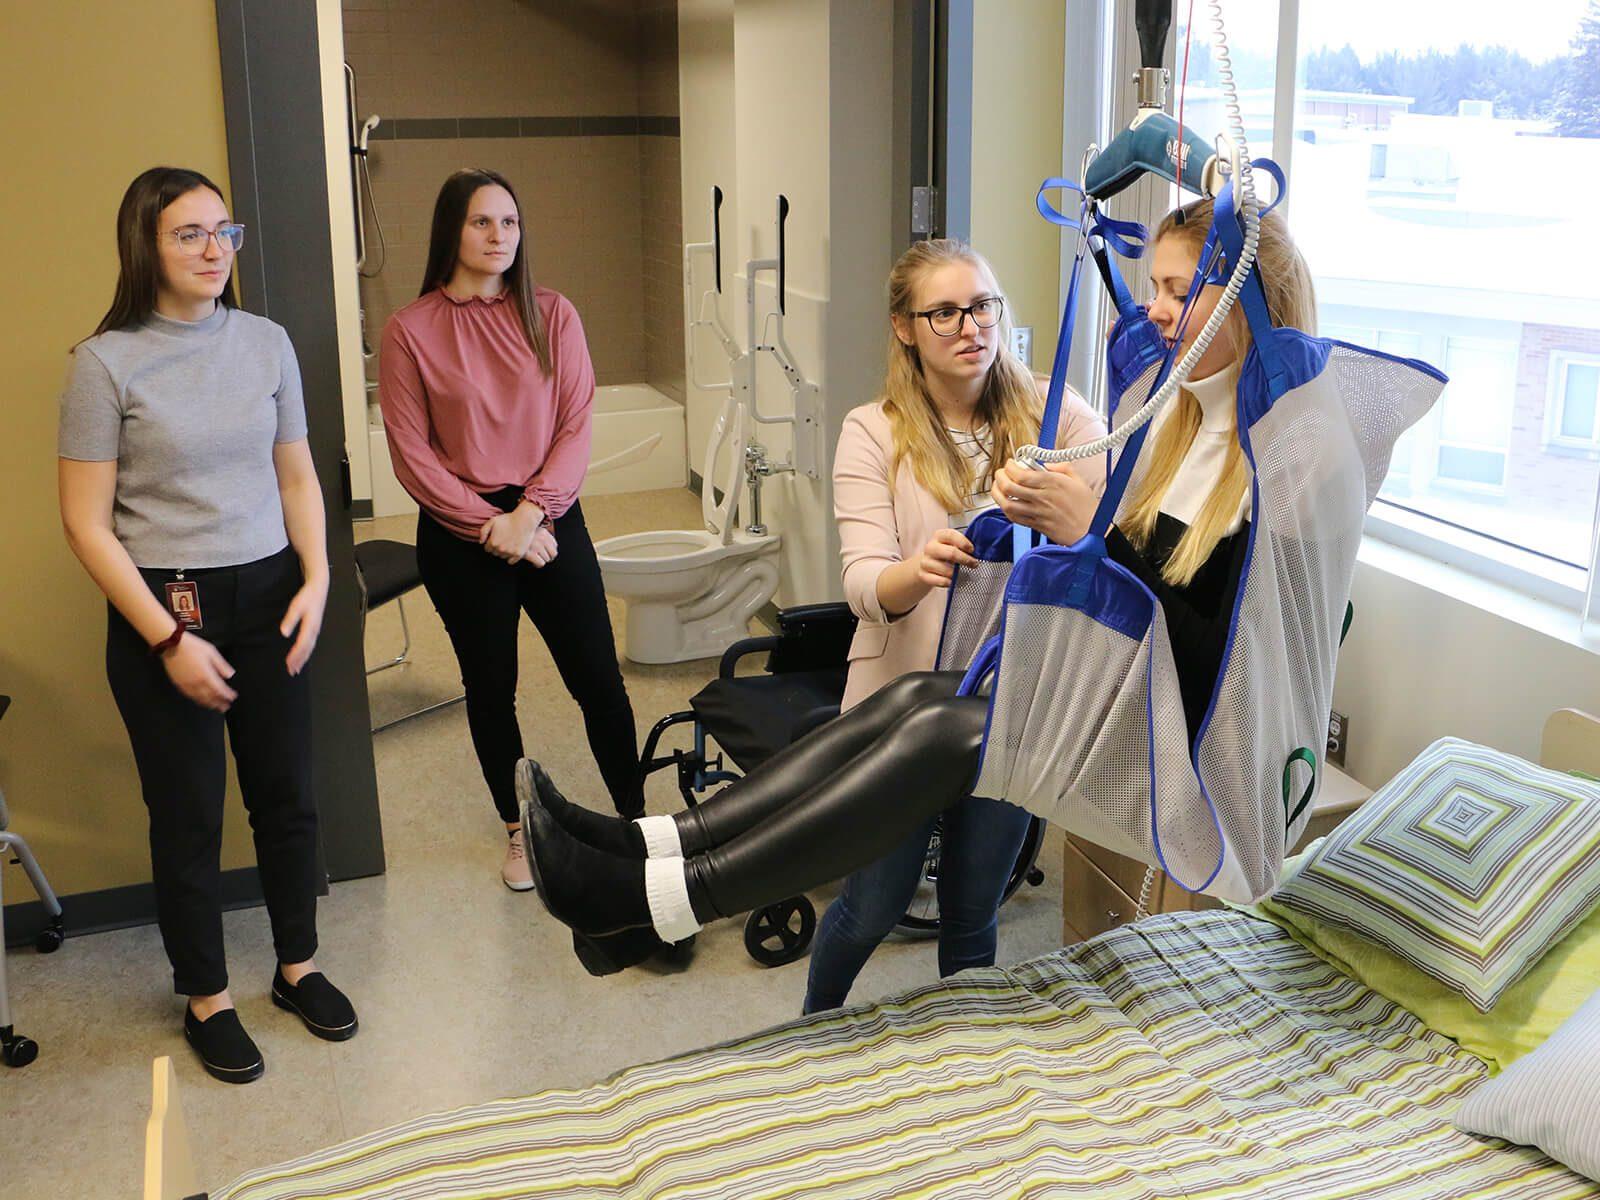 Un baccalauréat en ergothérapie offert à l'UQTR de Drummondville